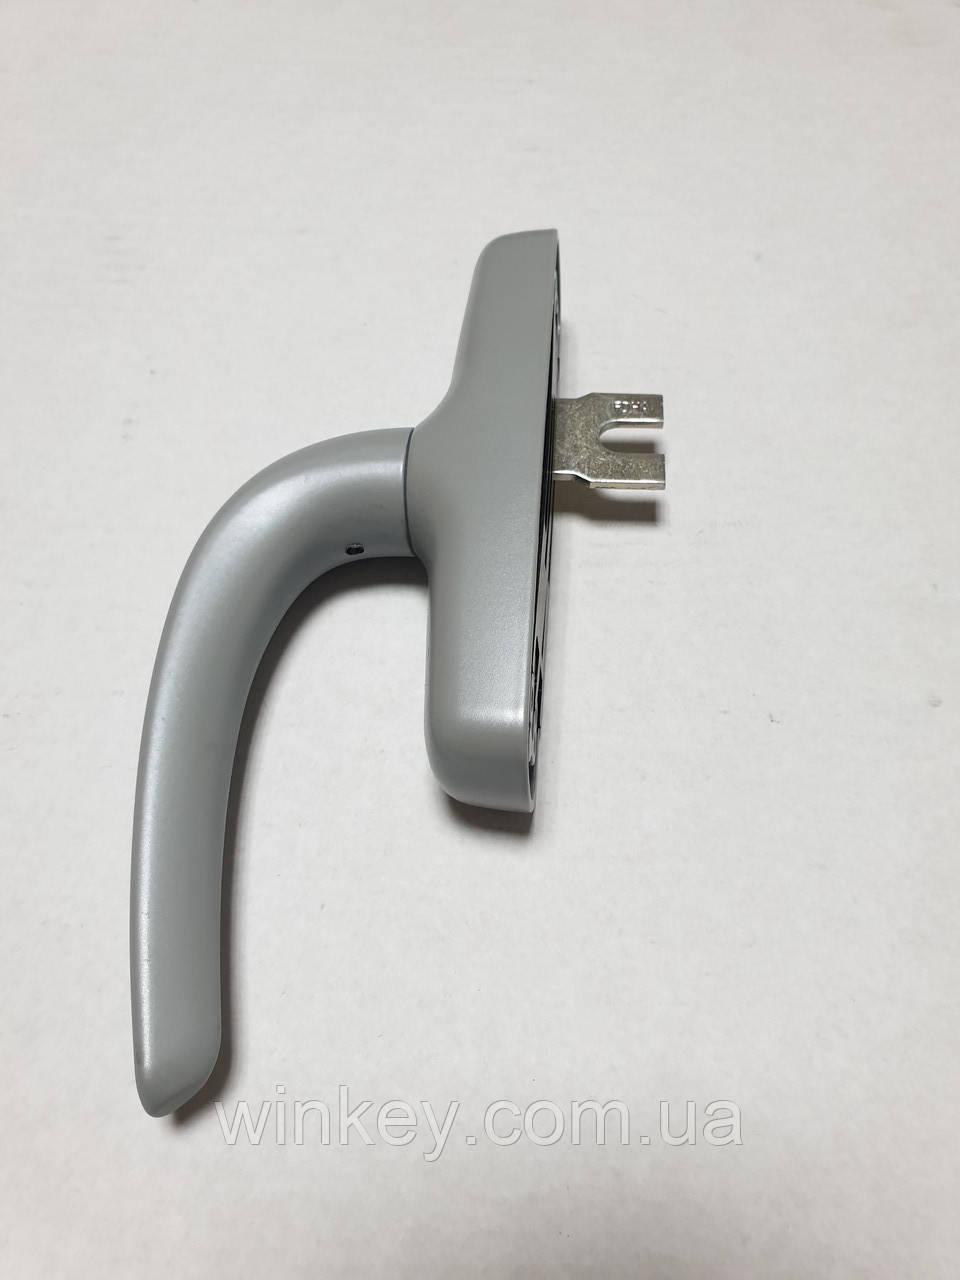 Ручка оконная FAPIM NEFER Midi 0757Ві серая для алюминиевых окон